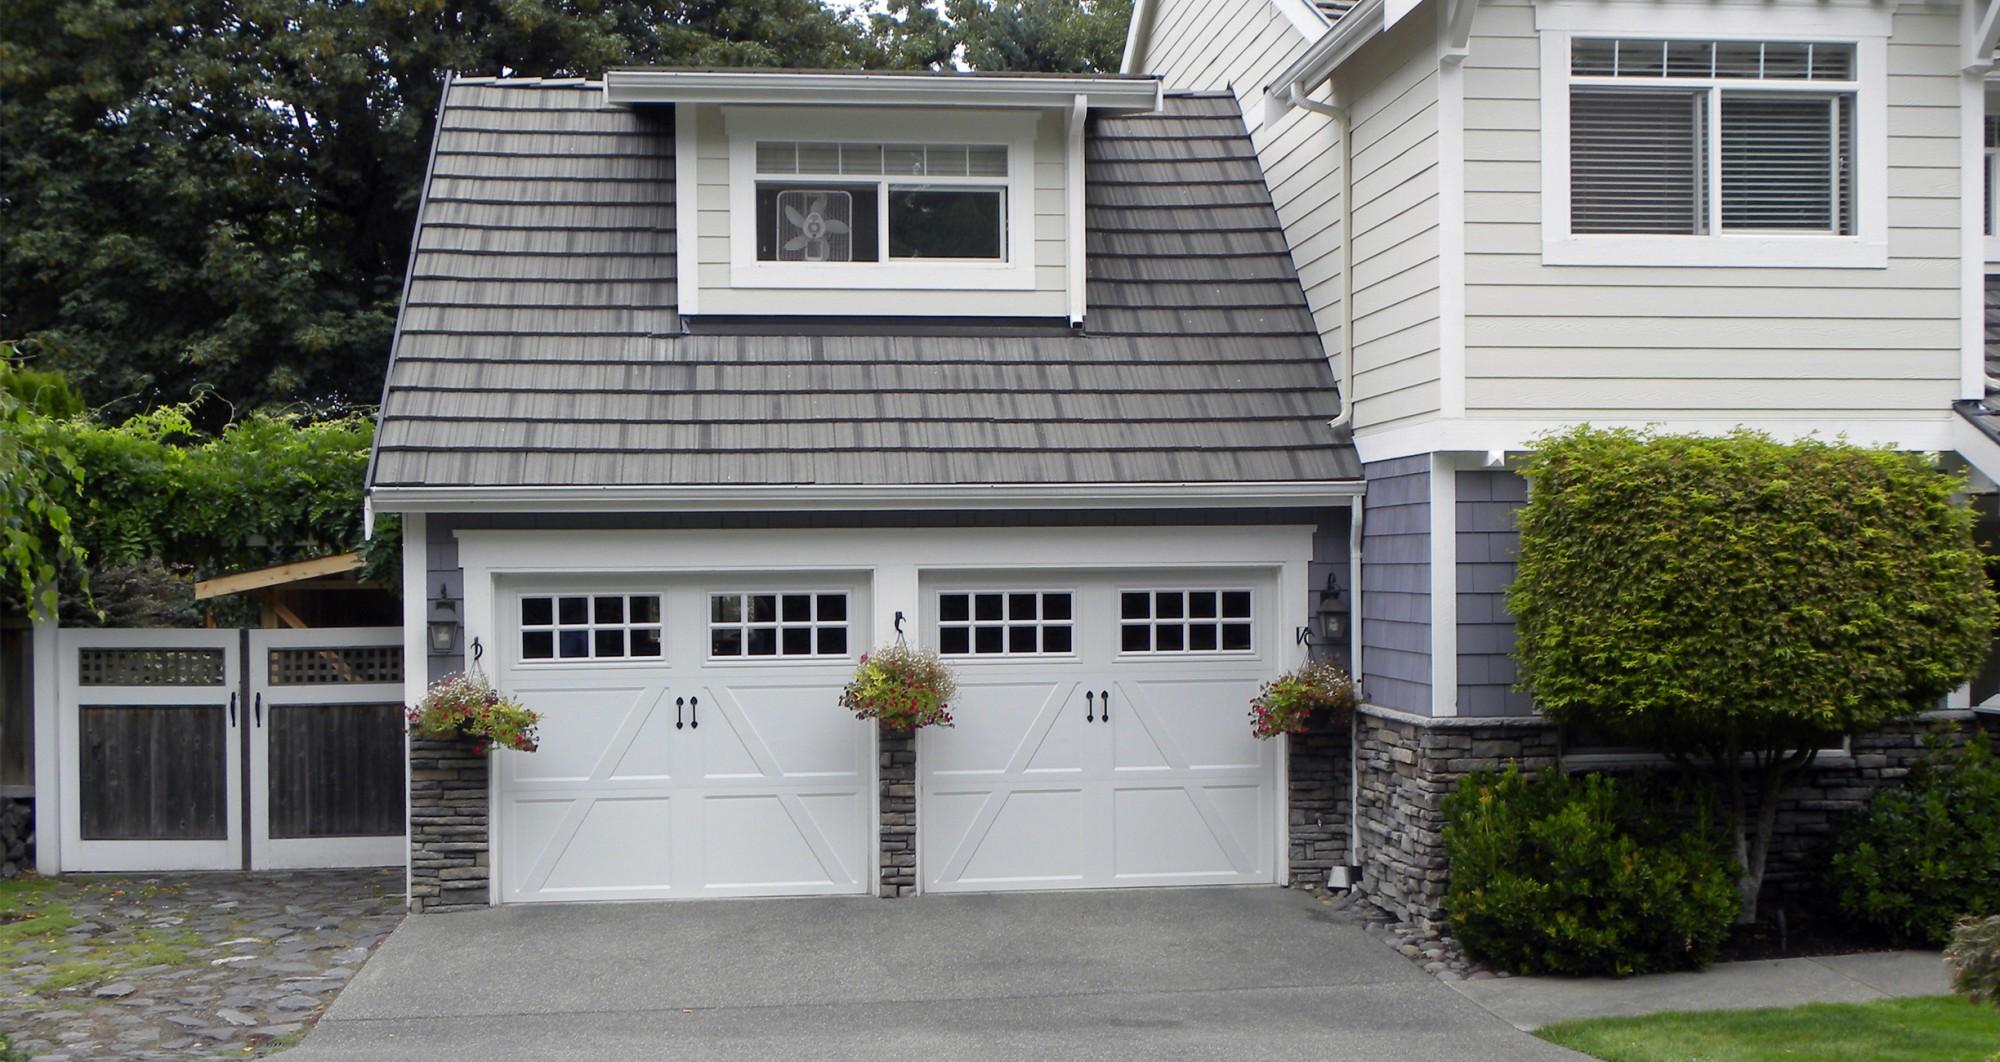 & Therma Classic™ - Northwest Door pezcame.com